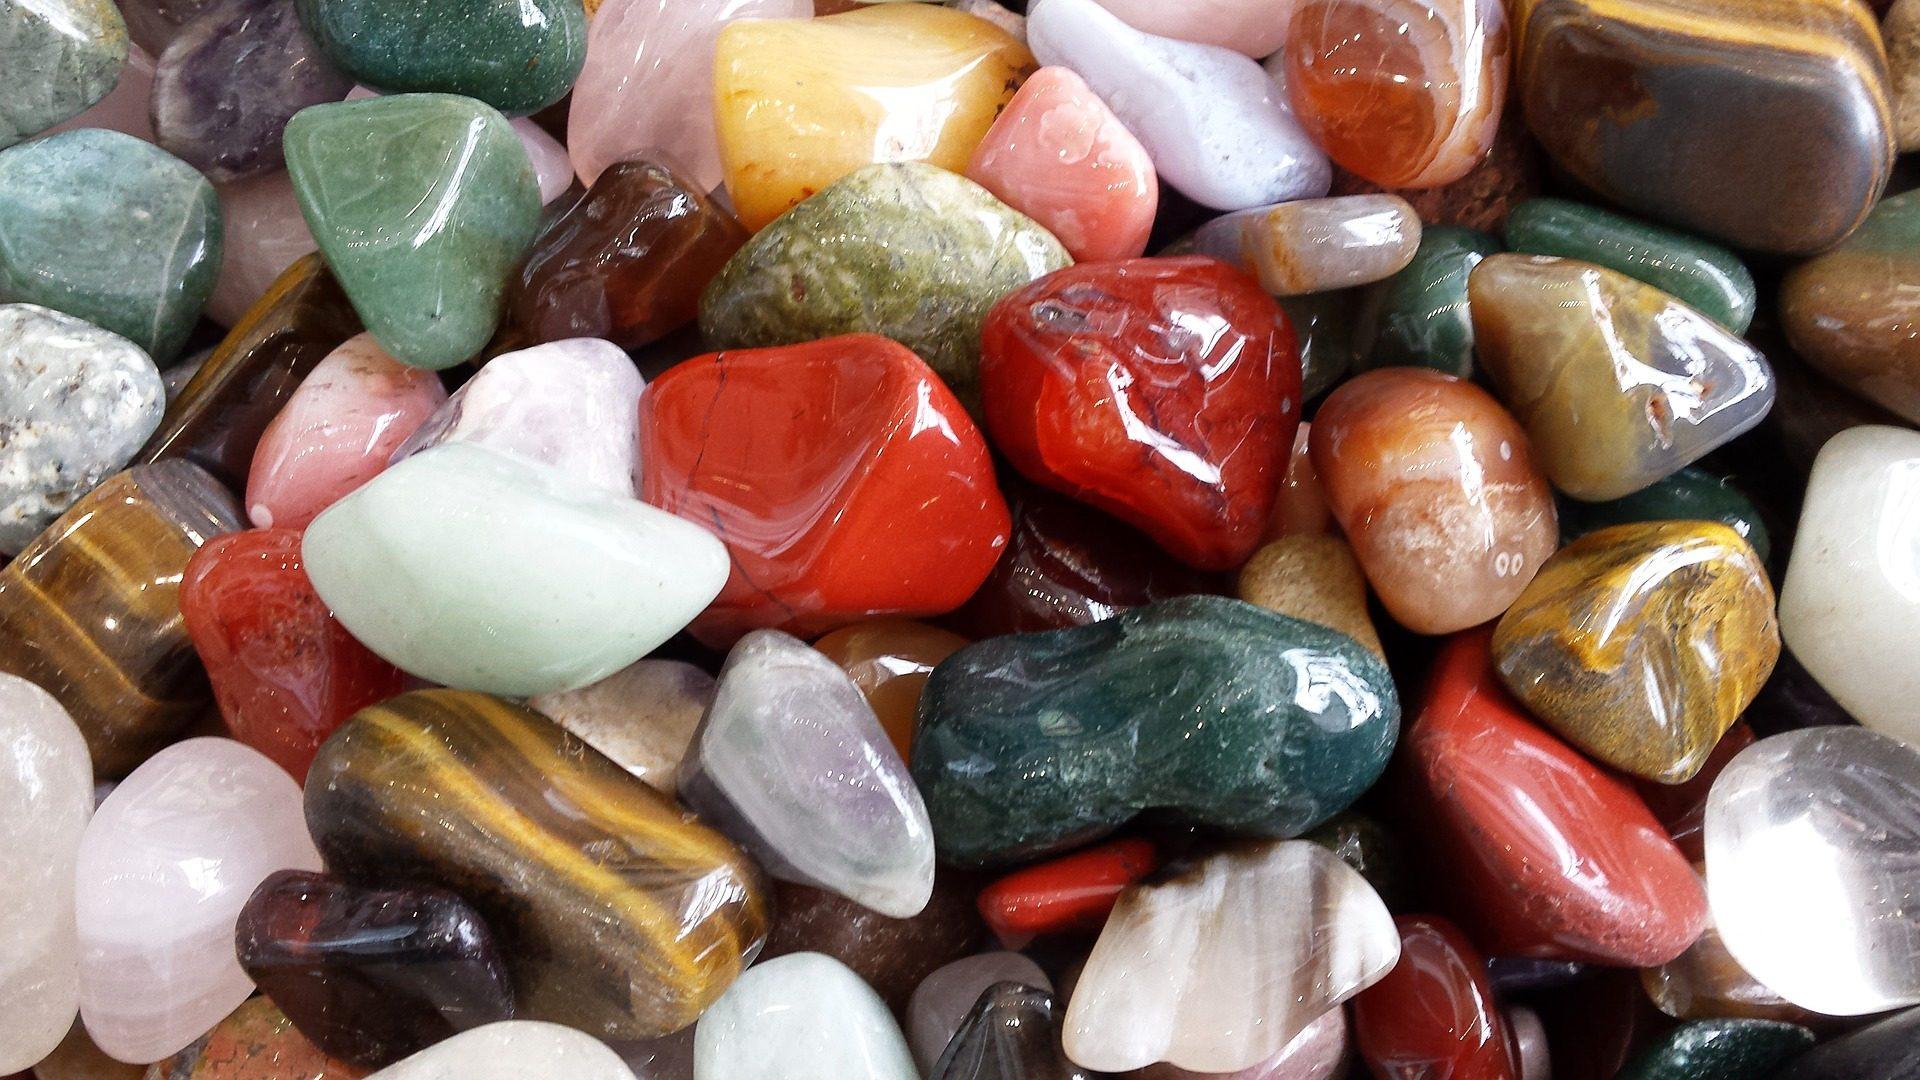 камни, Rocas, Шеенс, красочные, разнообразие - Обои HD - Профессор falken.com